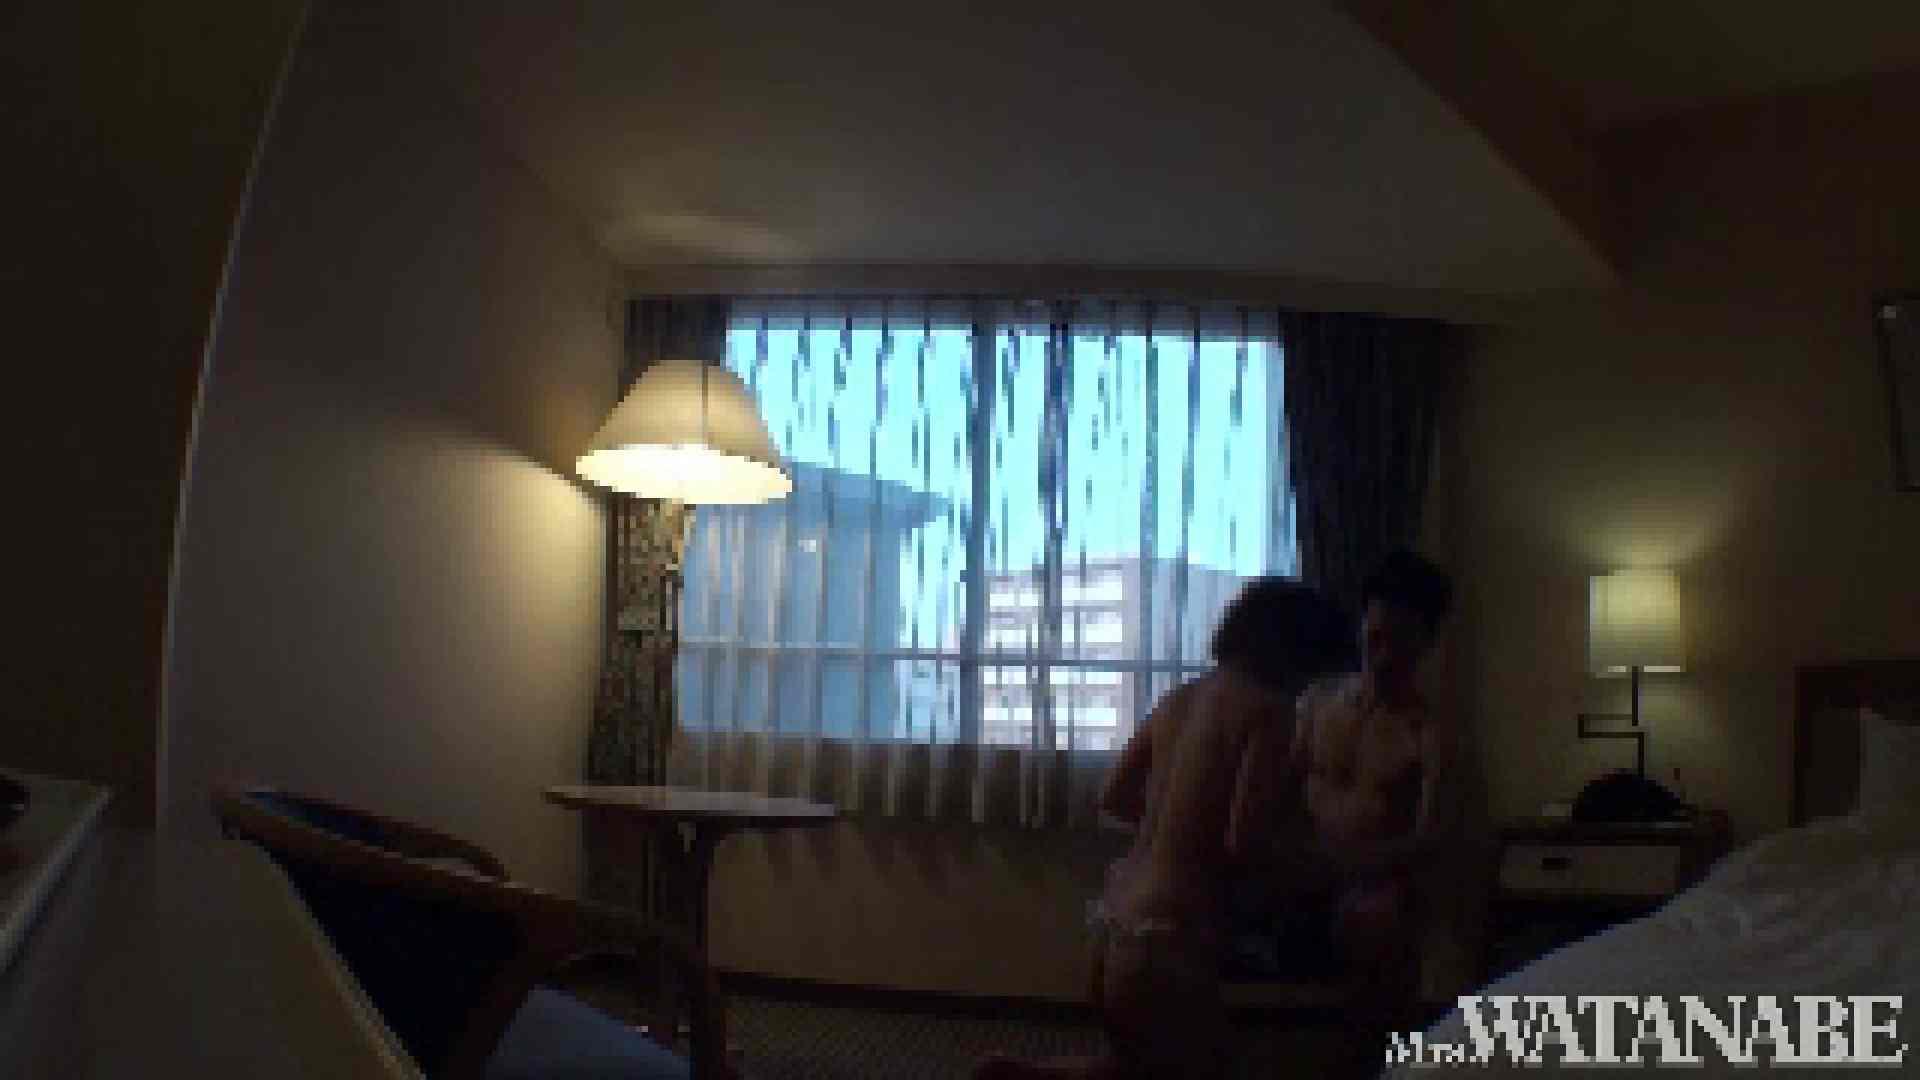 撮影スタッフを誘惑する痴熟女 かおり40歳 Vol.03 OLのボディ   熟女  106PIX 95